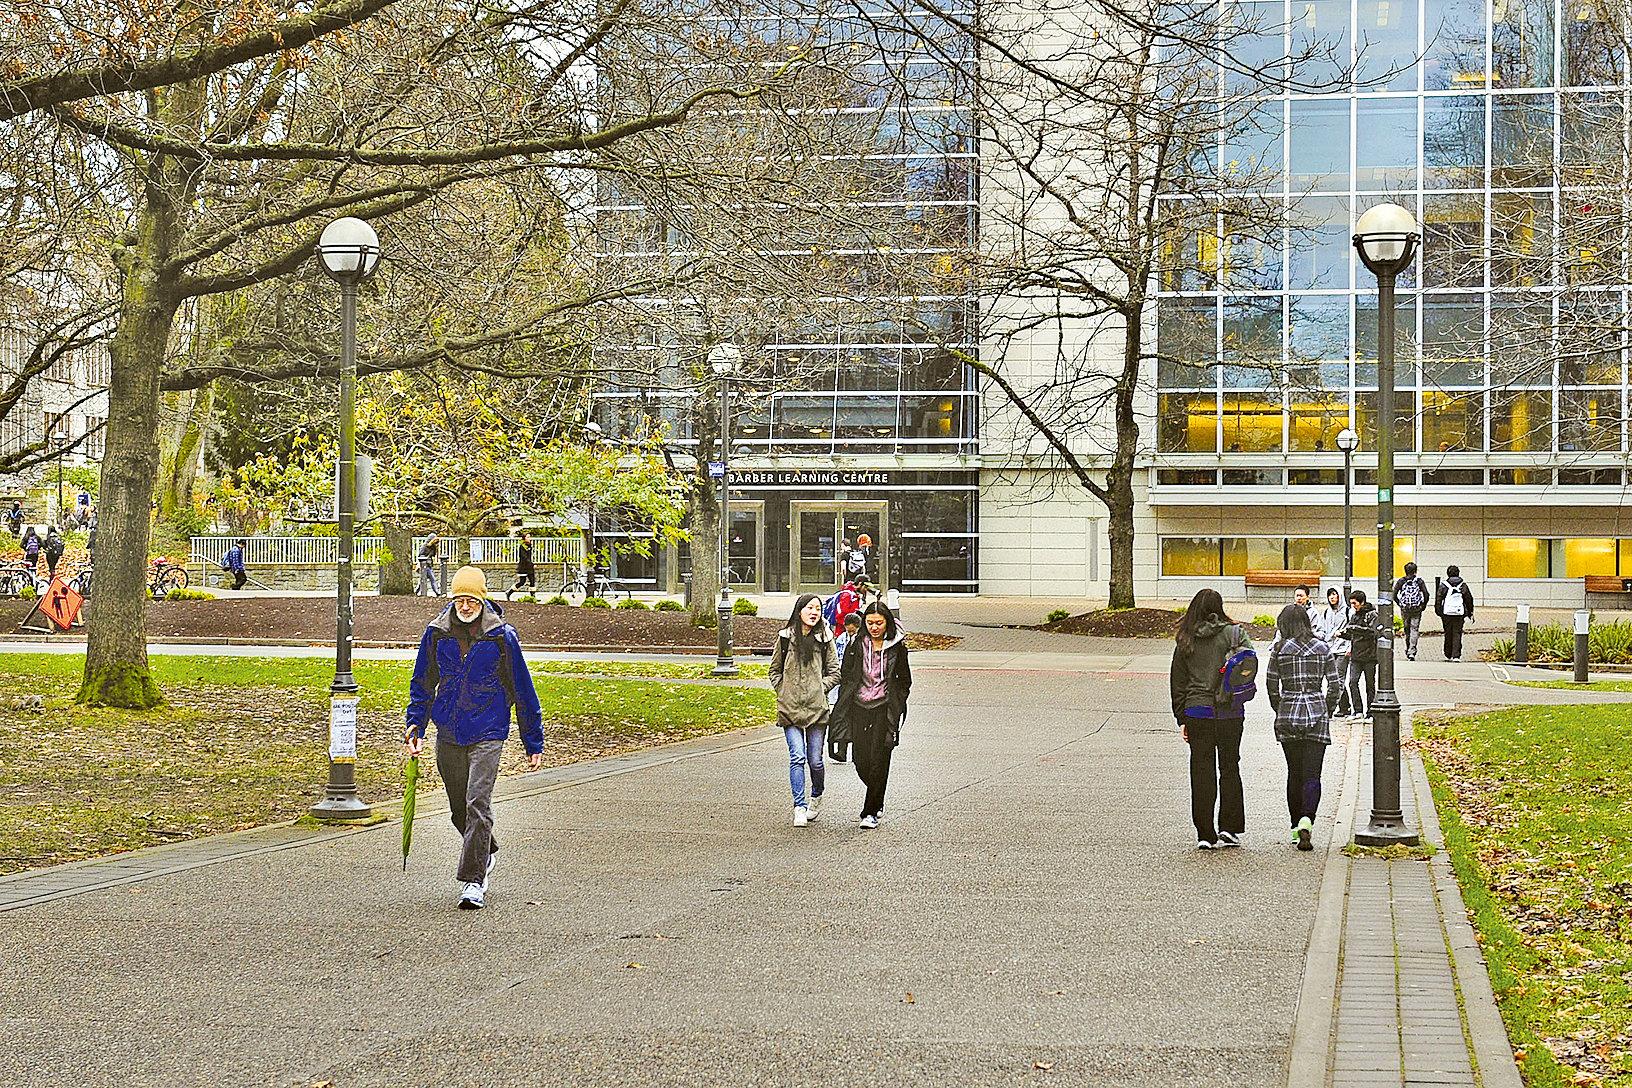 加拿大生活自由,學習環境優良,競爭也不那麼激烈,是中國留學生的佳選。圖為卑詩大學。(大紀元資料室)